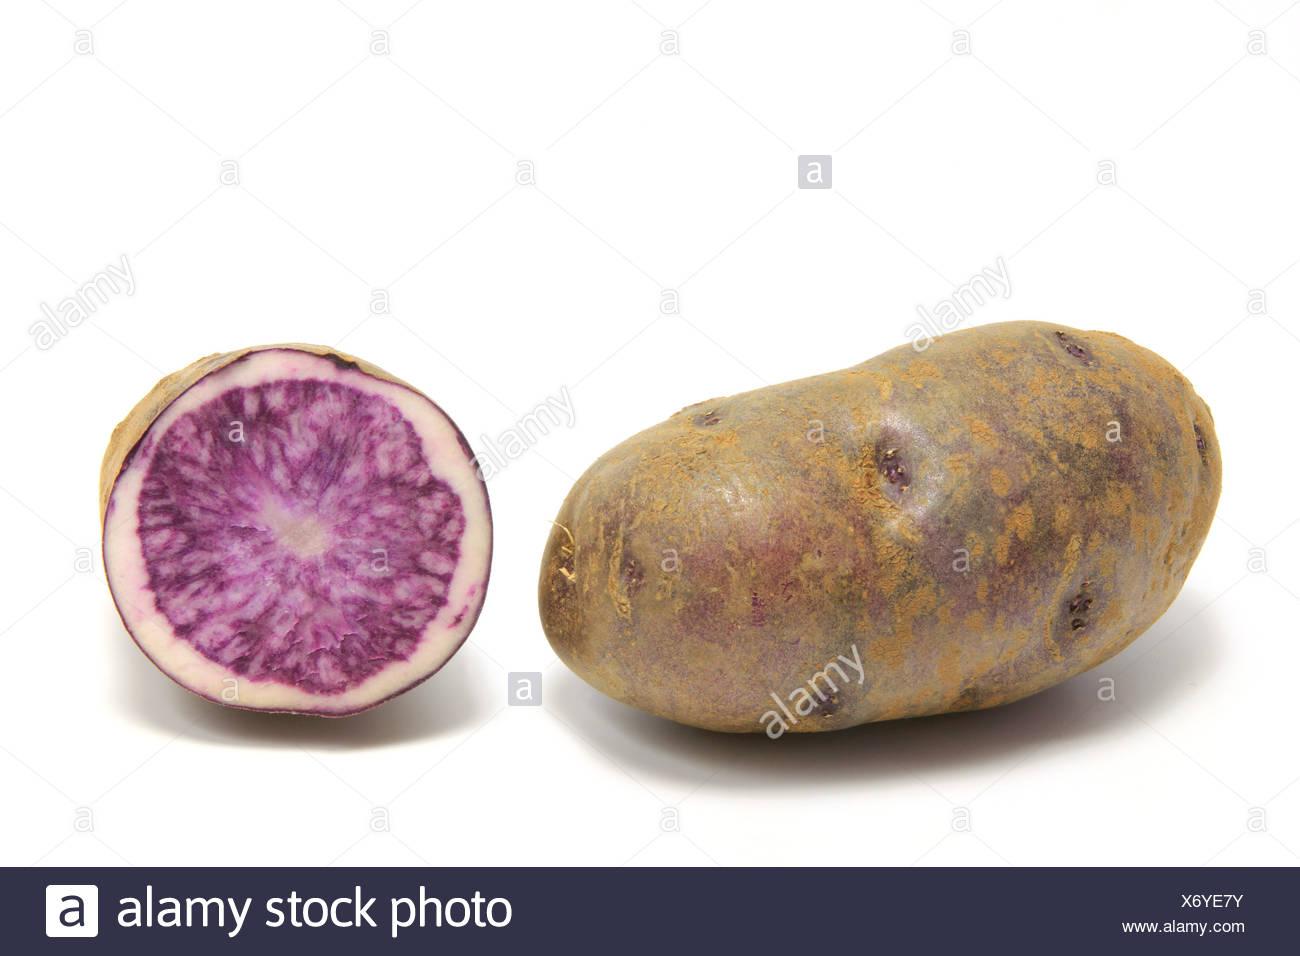 Blaue Kartoffel (Solanum tuberosum) freigestellt vor weißem Hintergrund - Stock Image